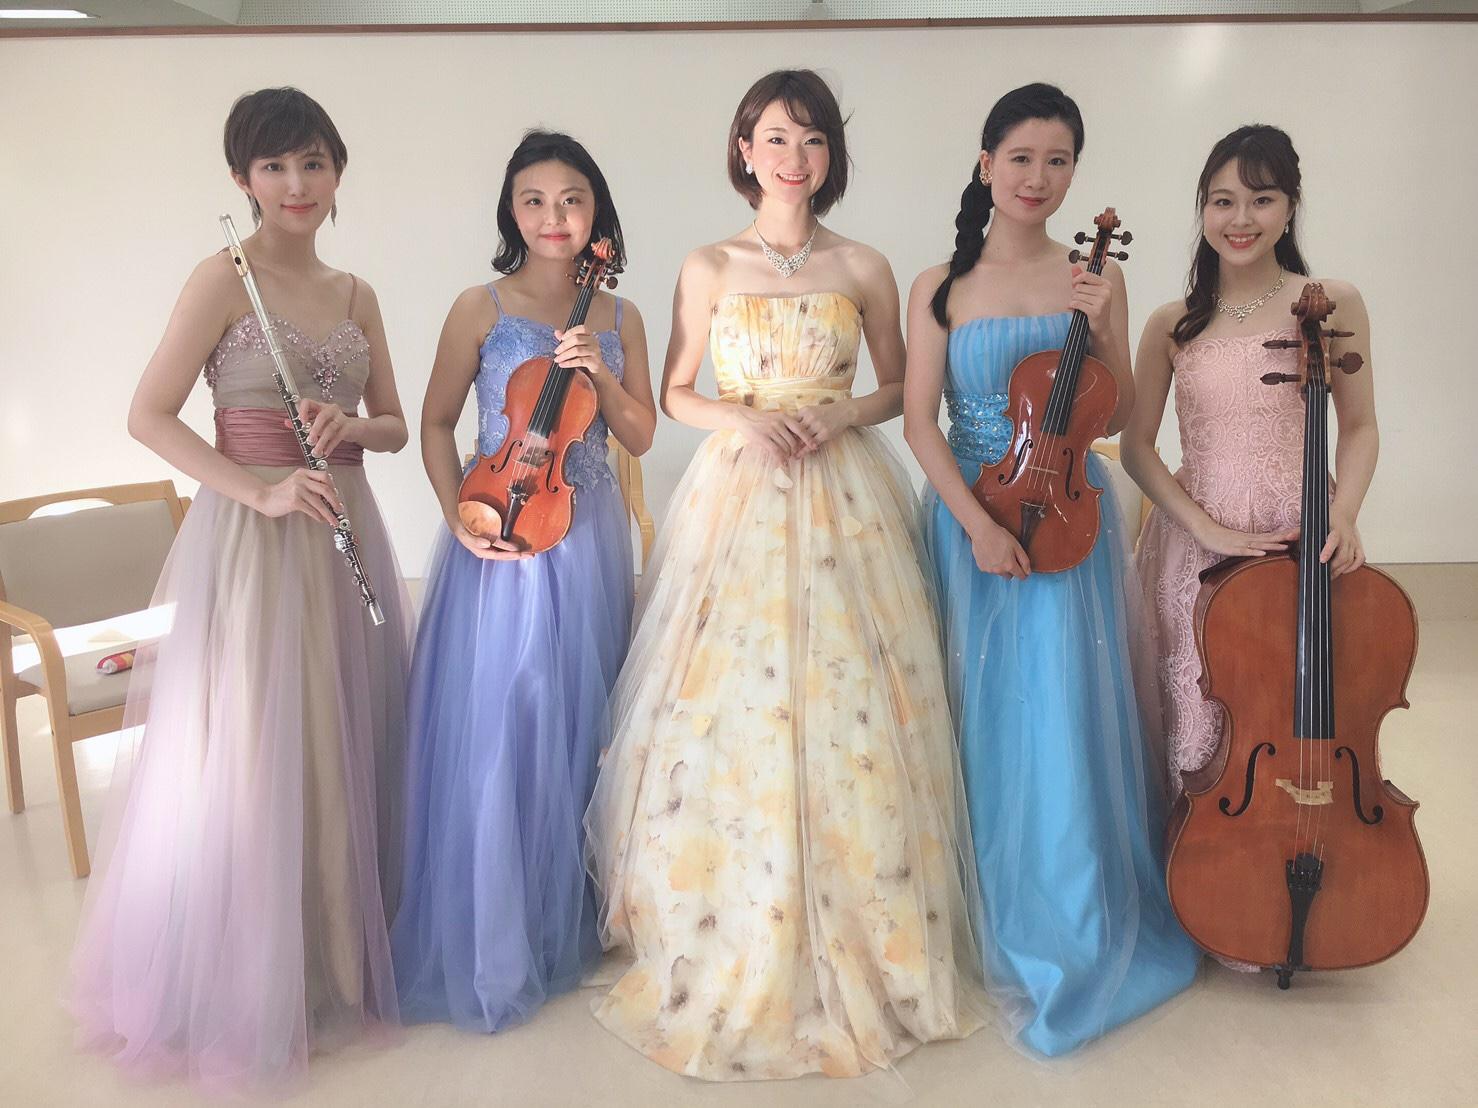 ソプラノ歌手とフルートと弦楽器の編成でご依頼頂きました